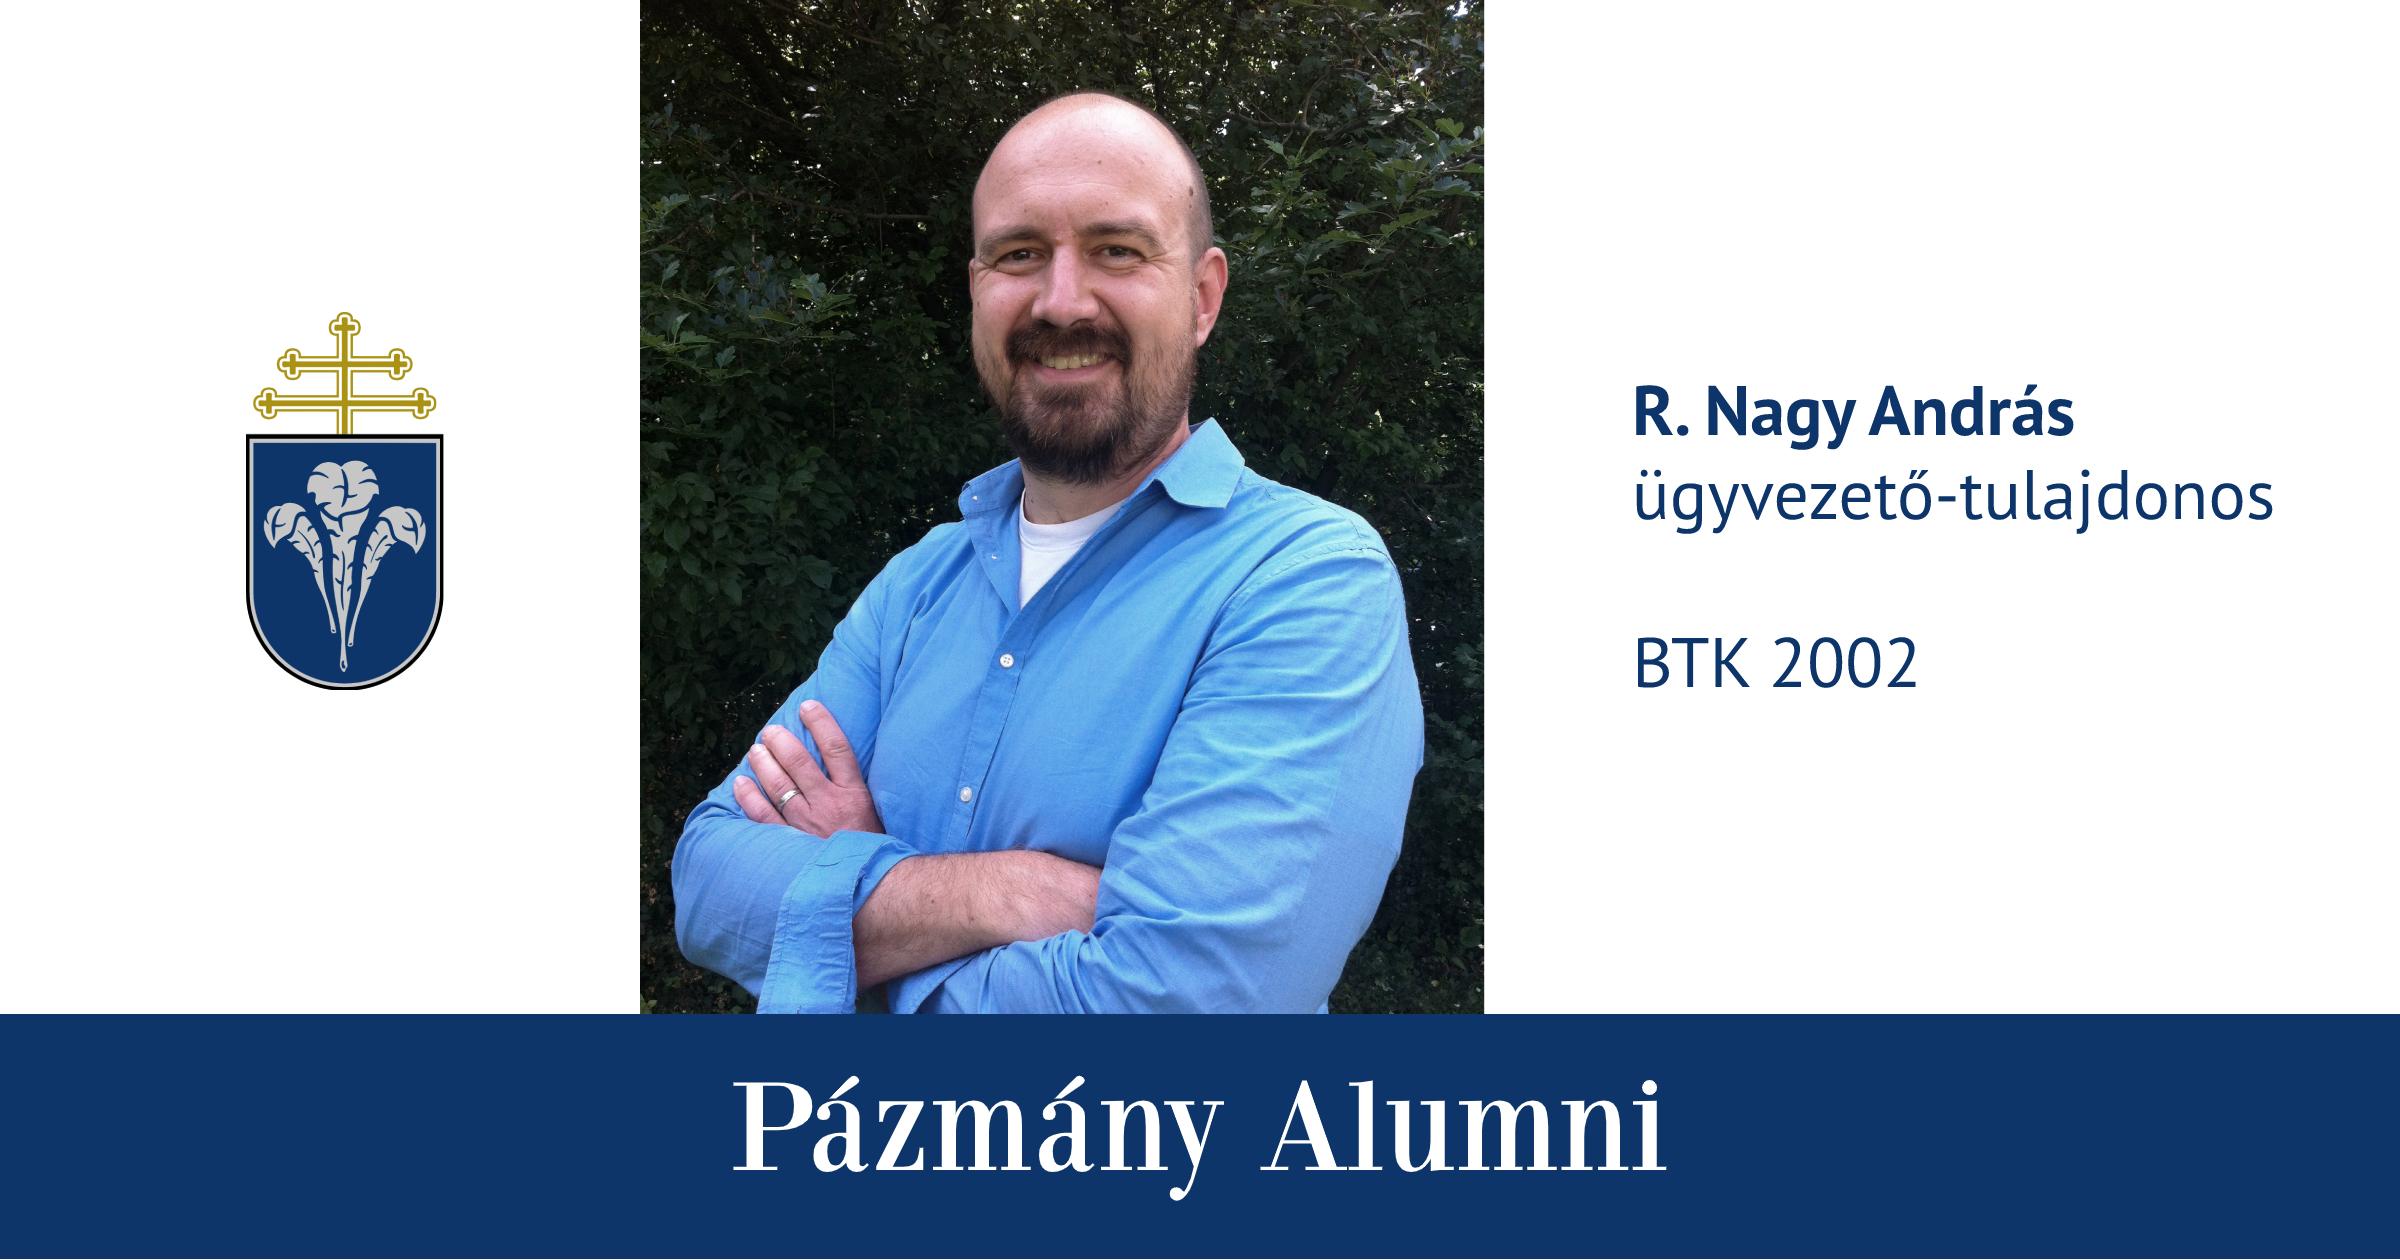 Pázmány Alumni: interjú R. Nagy Andrással, a BTK egykori hallgatójával